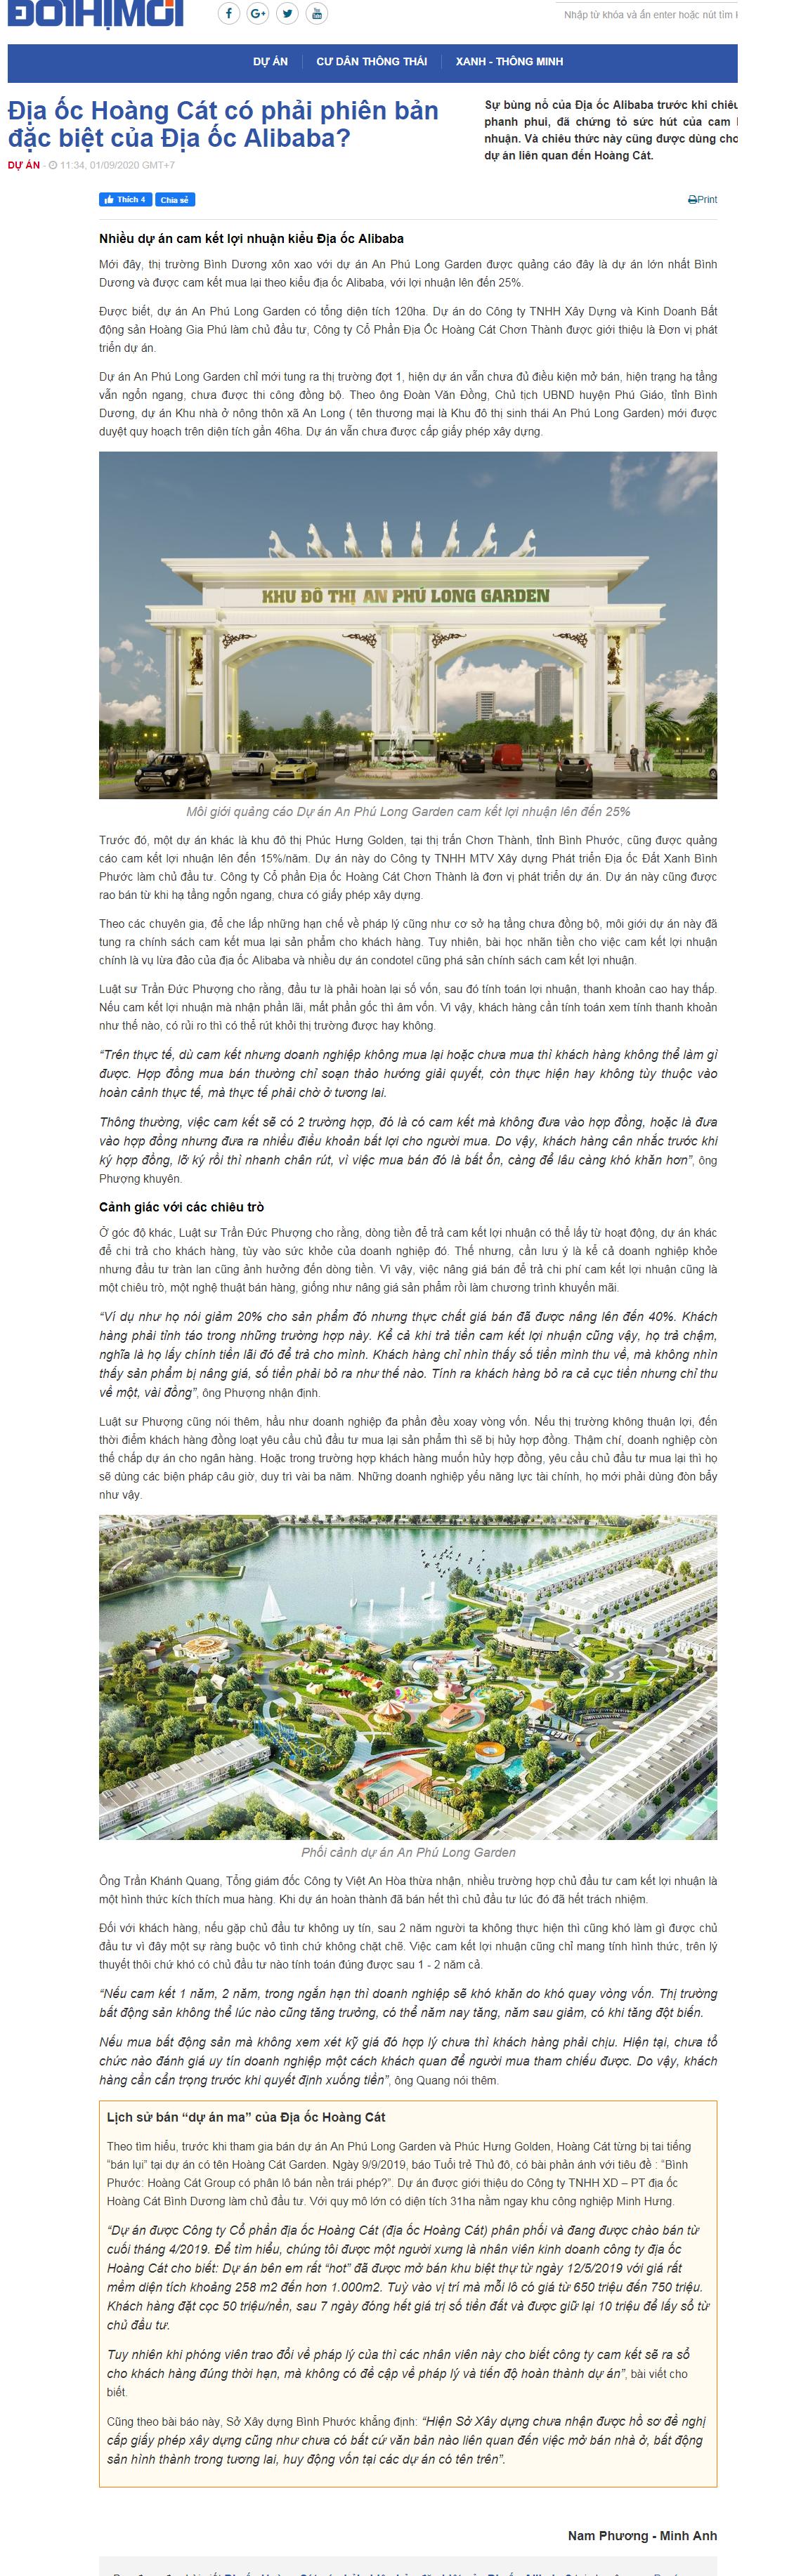 """Dự án An Phú Long Garden: Thận trọng với pháp lý và """"bẫy"""" cam kết lợi nhuận - Ảnh 1"""